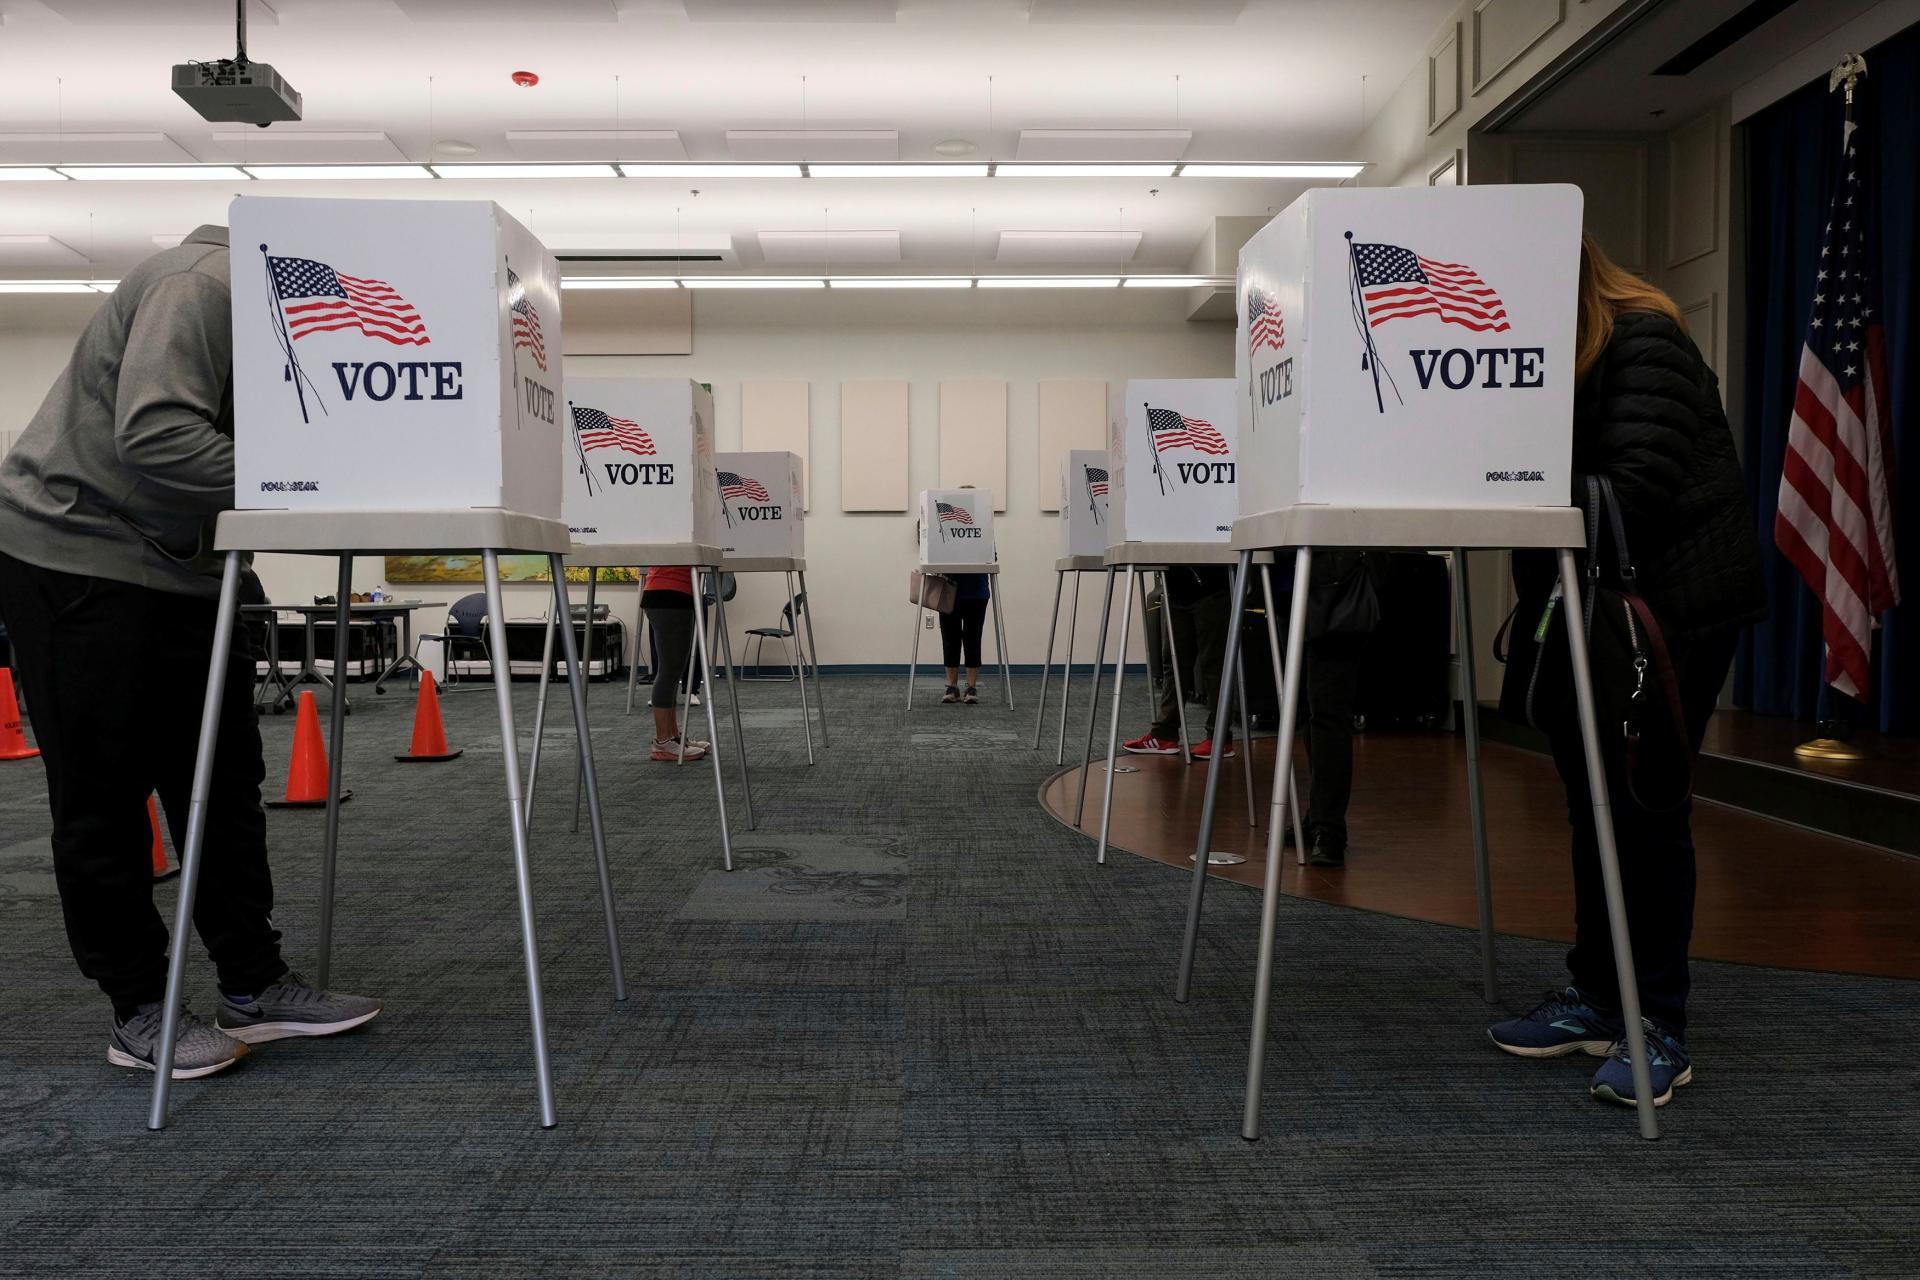 Le 13 octobre, les électeurs du comté de Scott à Georgetown, Ky., Ont voté au bureau de vote de la bibliothèque publique.  Dans les États révélant publiquement à quel parti appartiennent les électeurs, près de 54% des bulletins de vote ont été envoyés par des encarts du Parti démocrate, contre 25% des électeurs républicains.